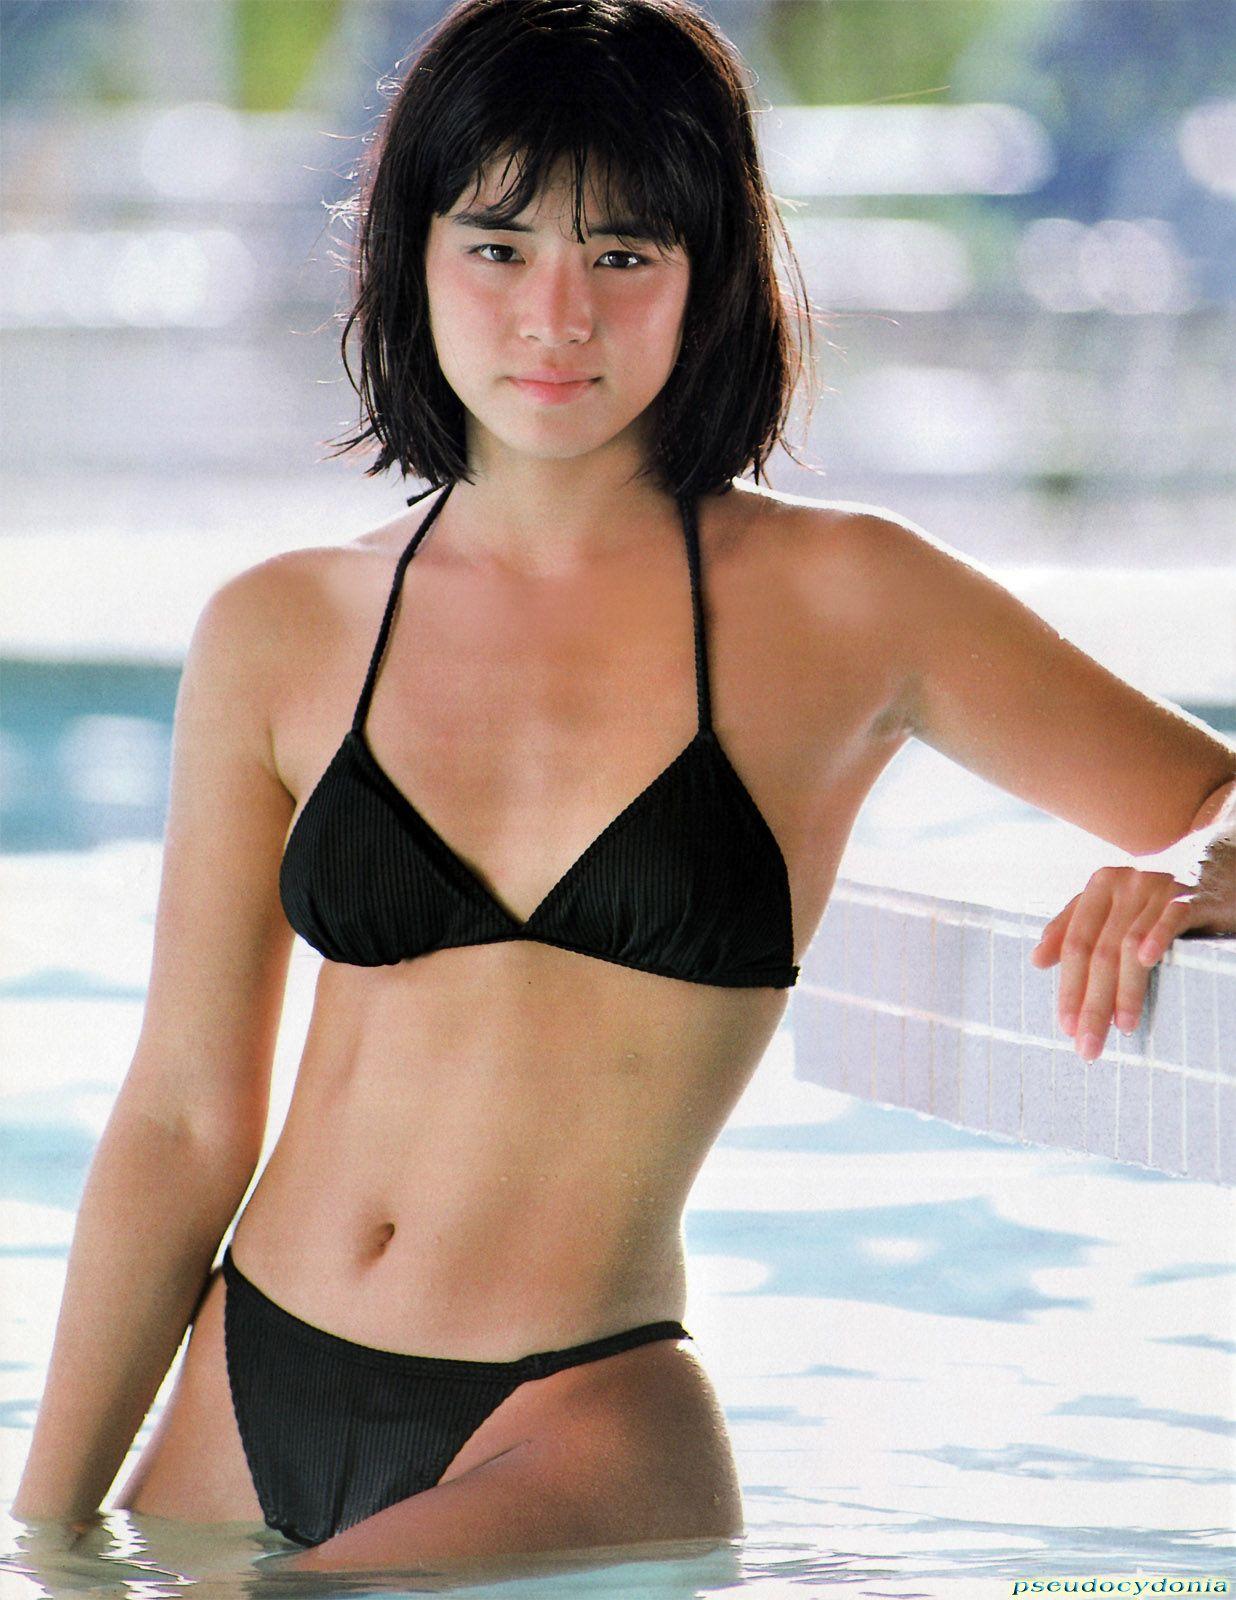 80年代アイドル 水着 石田ゆり子 80年代アイドル水着画像1